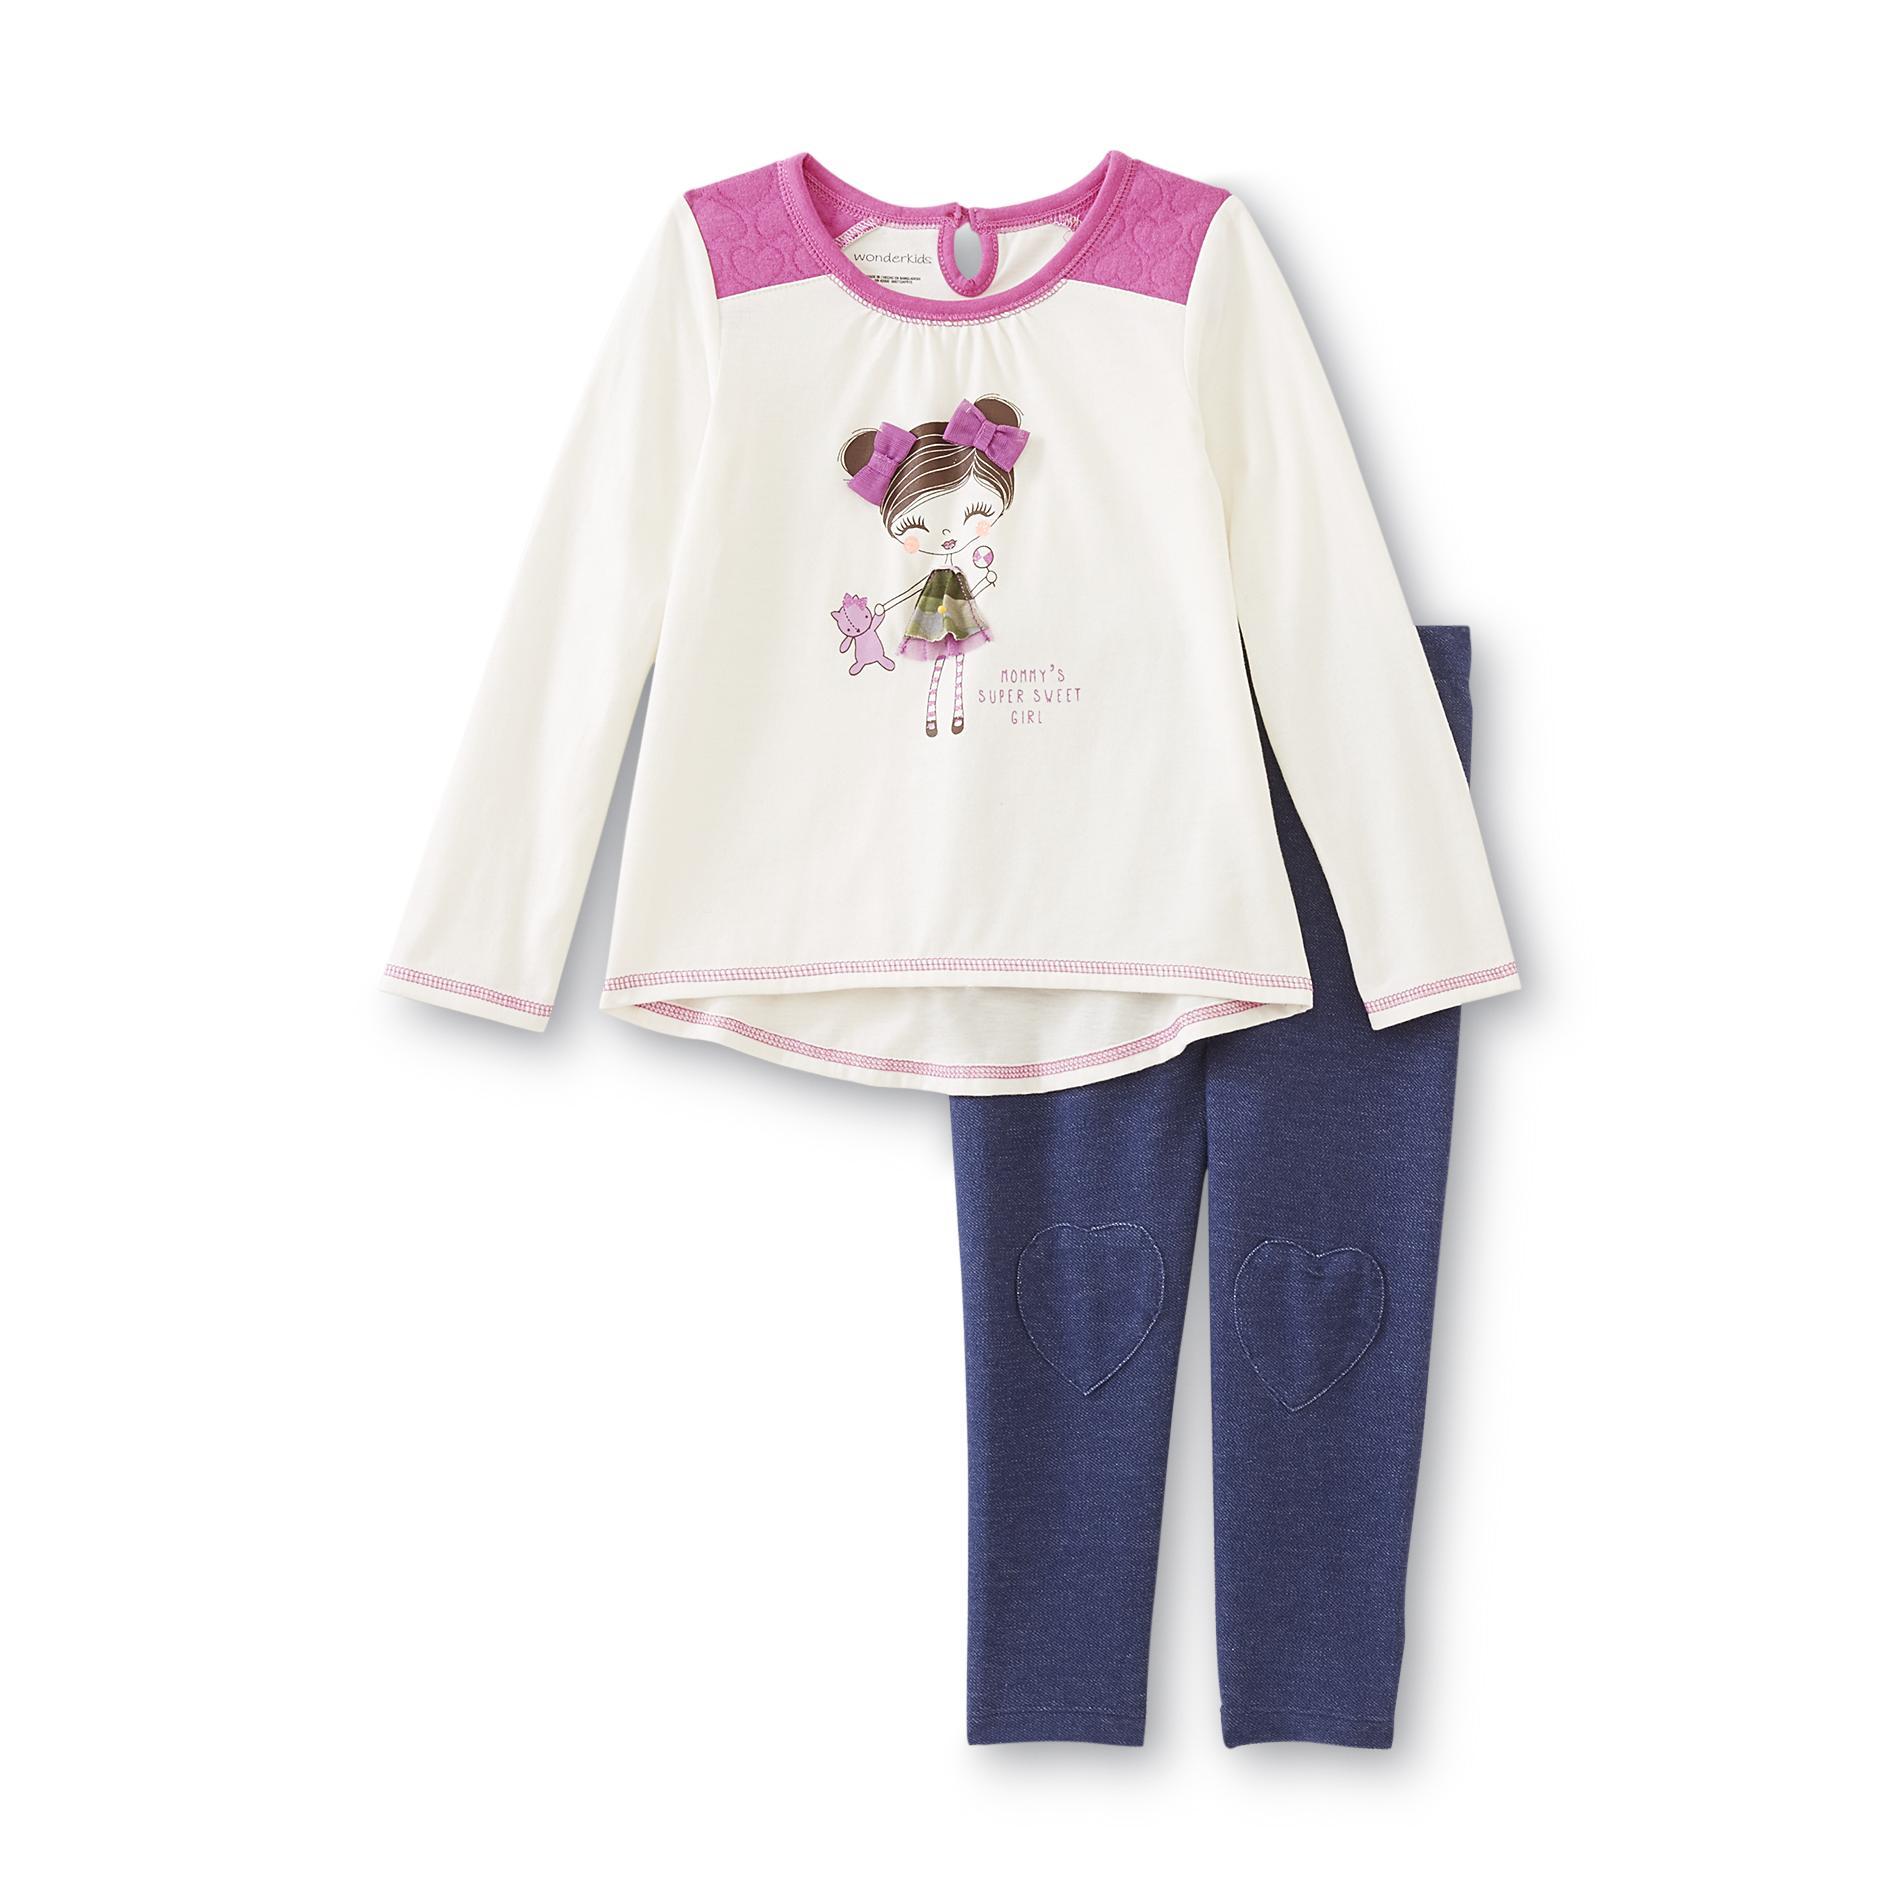 WonderKids Infant & Toddler Girl's Graphic Top & Leggings